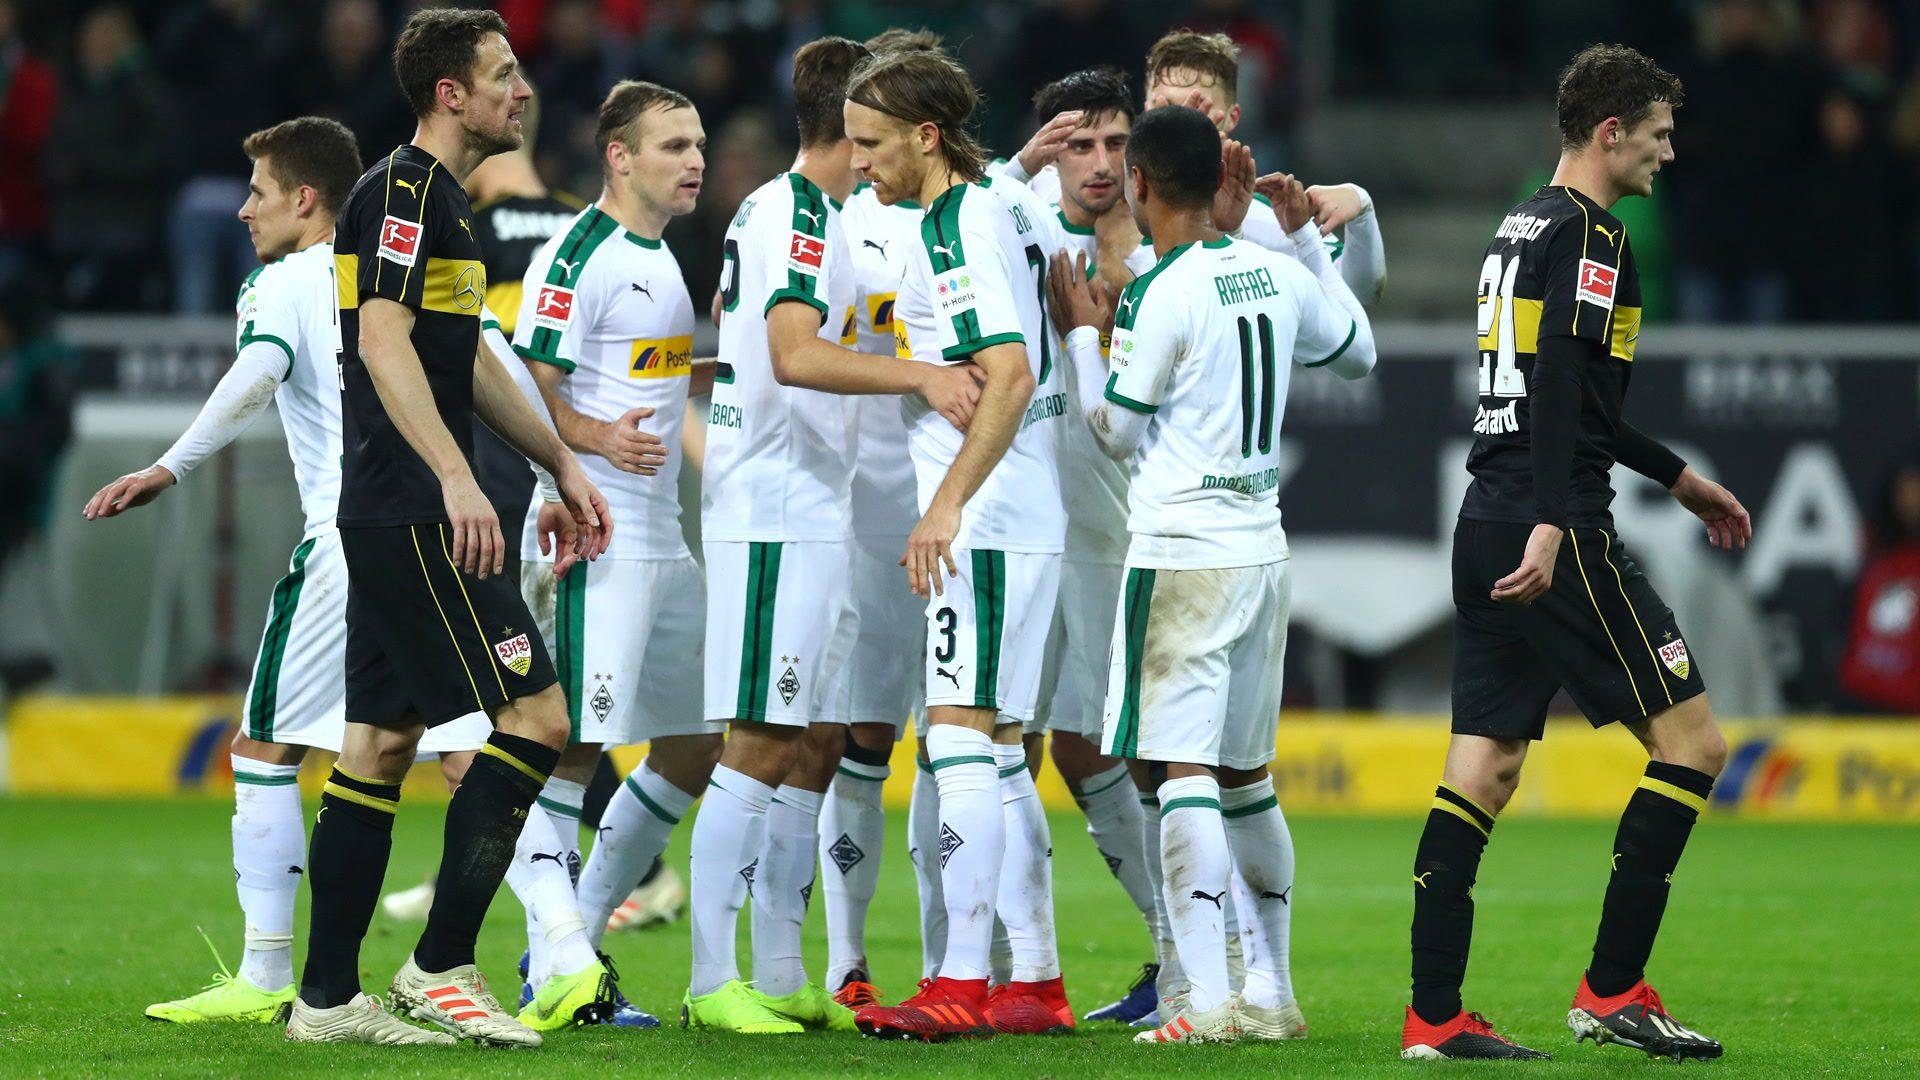 Watch: Gladbach 3-0 VfB Stuttgart